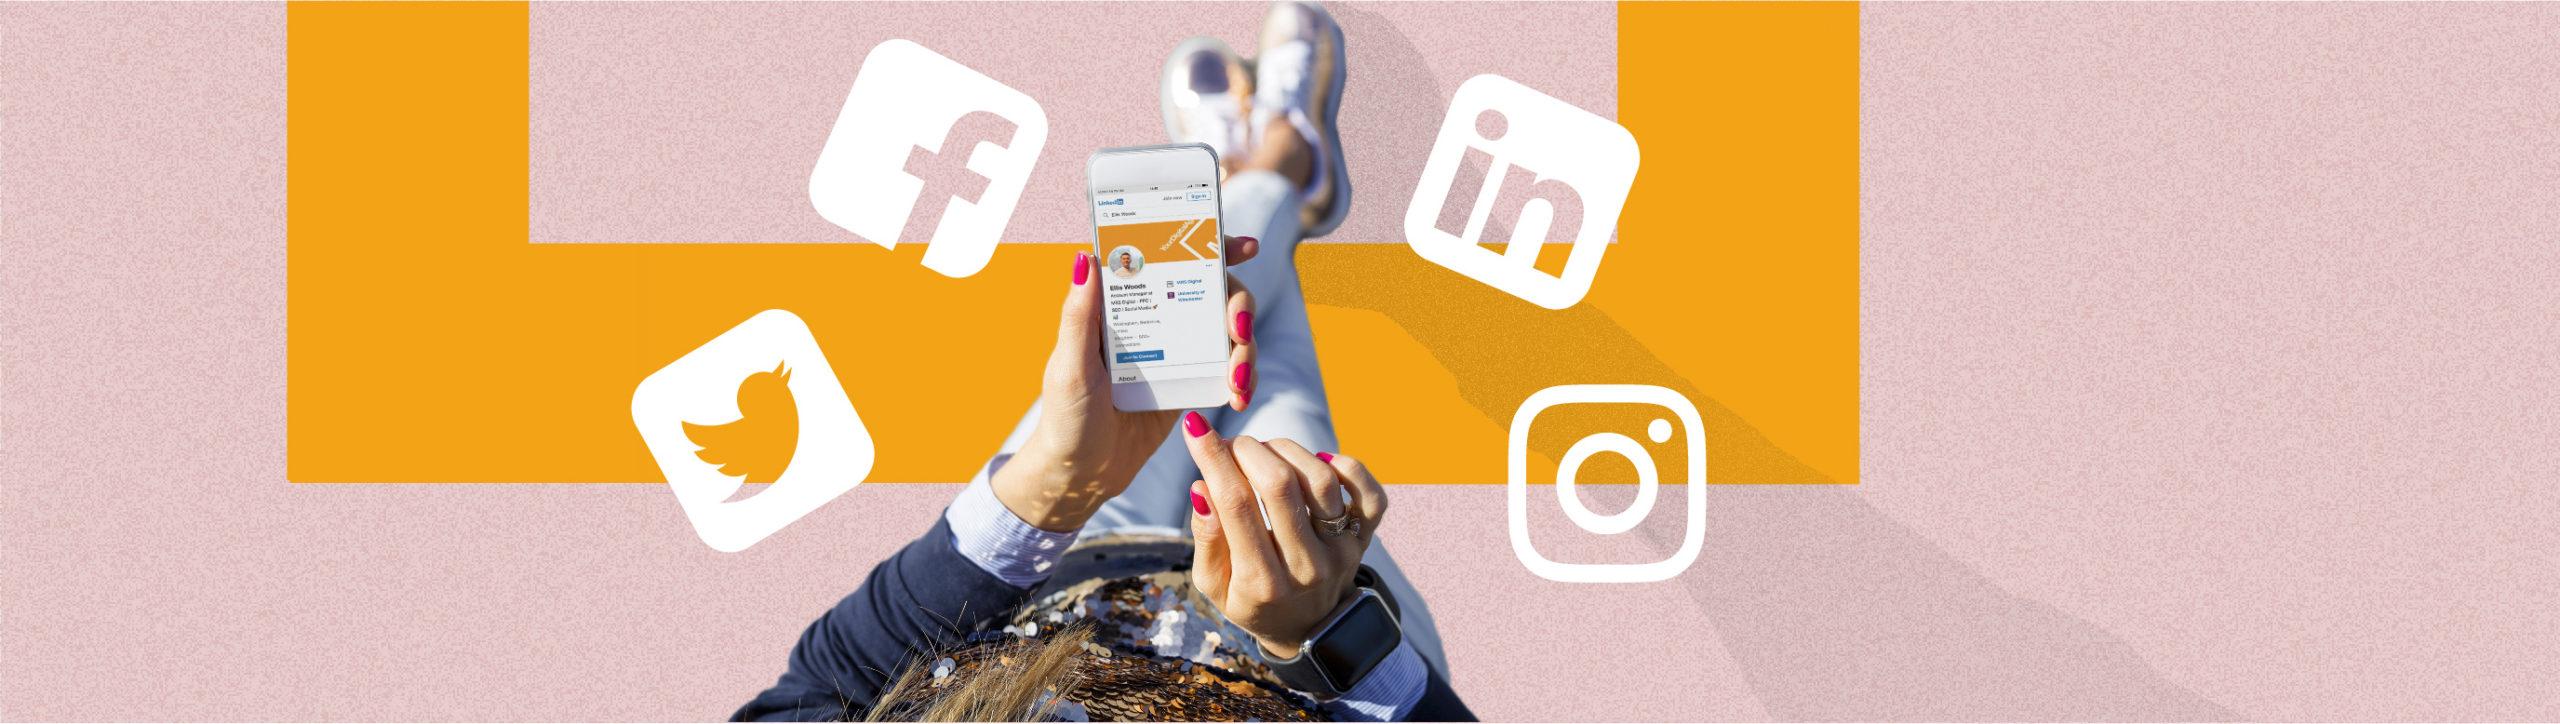 Social Media Updates June 2020